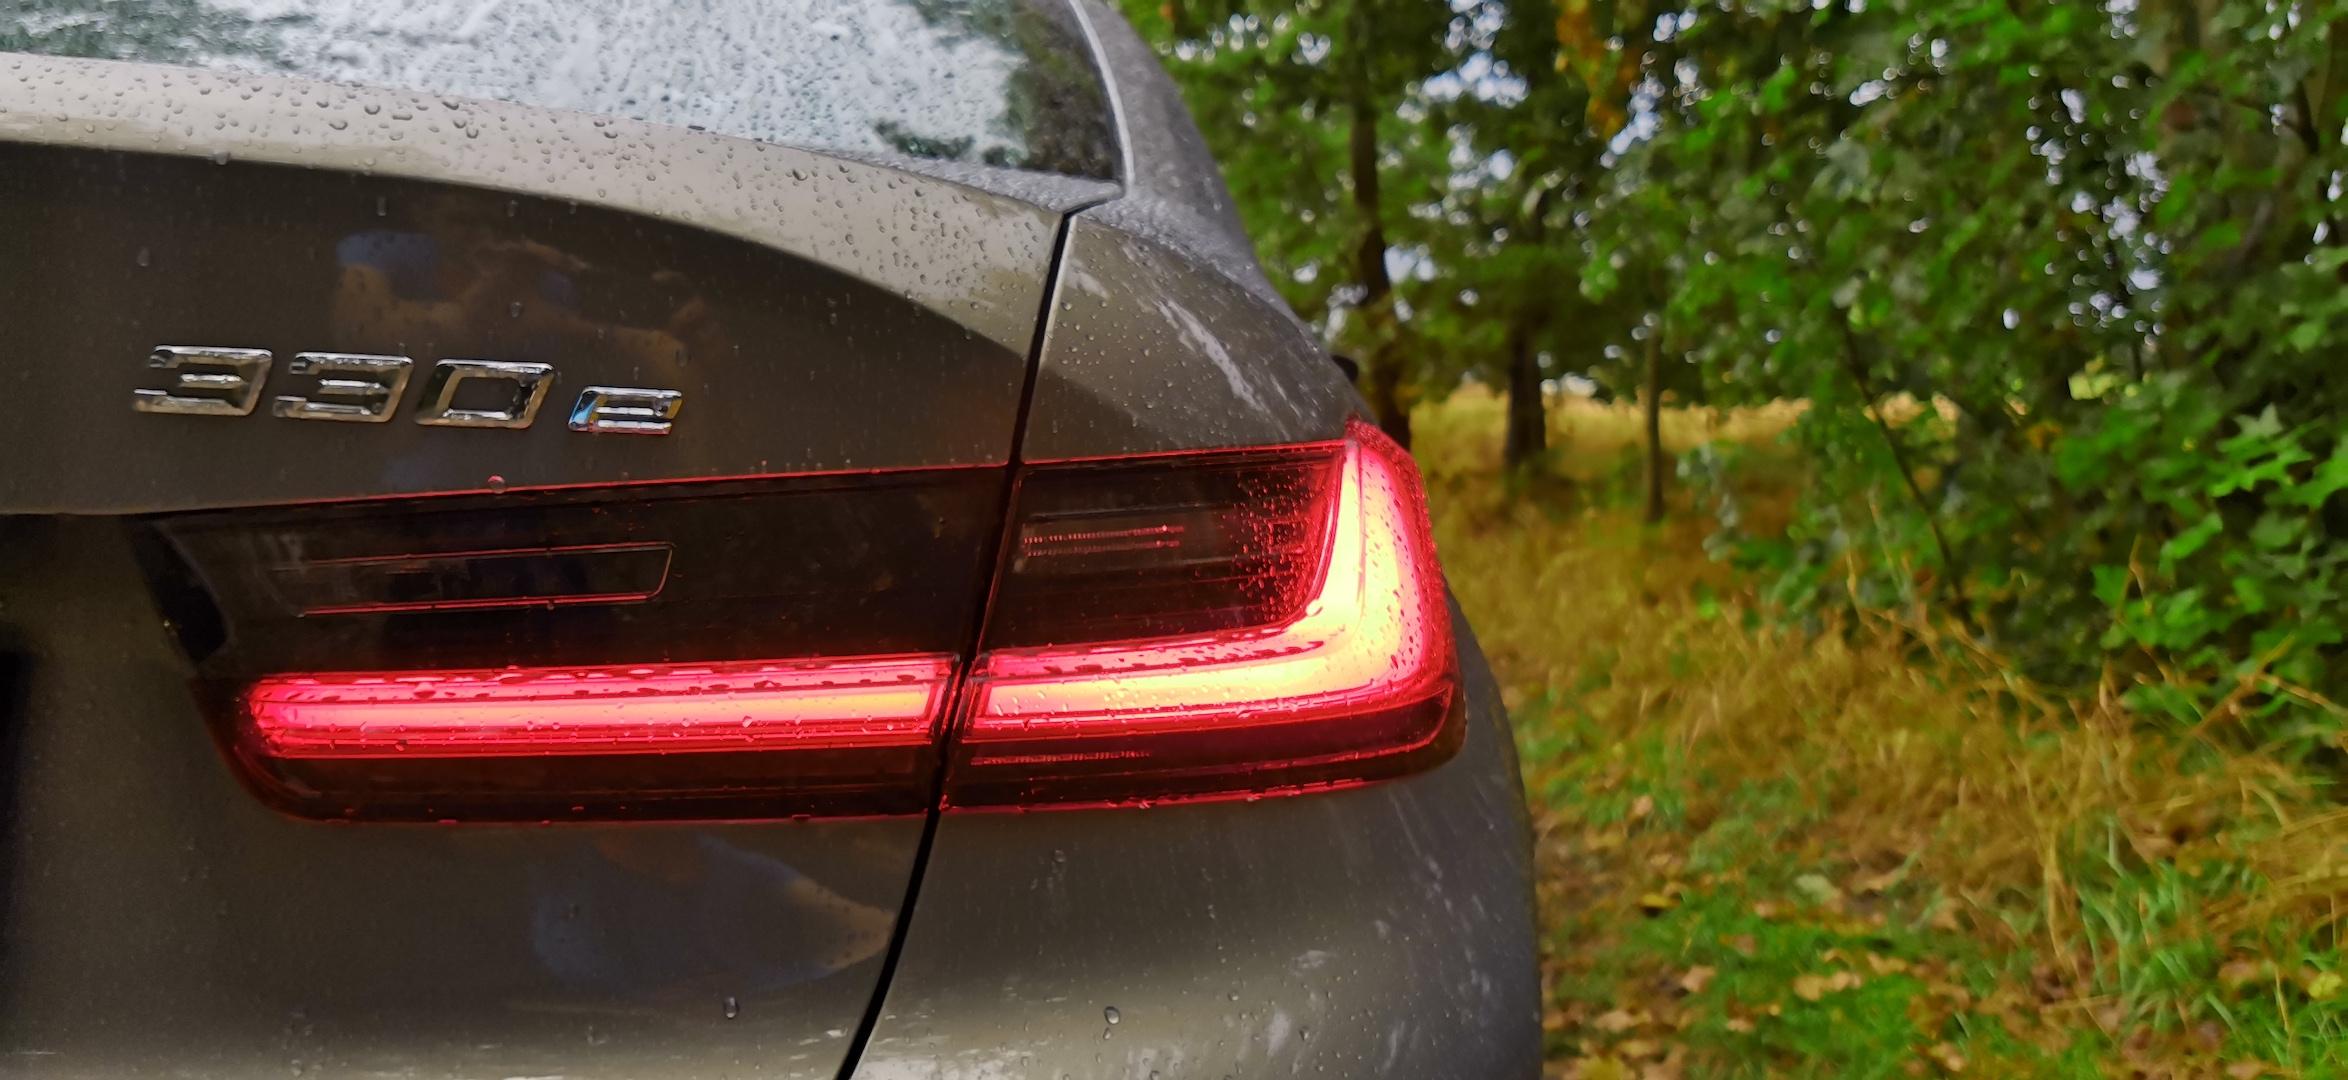 BMW 330e - označení motorizace (plug-in hybrid)